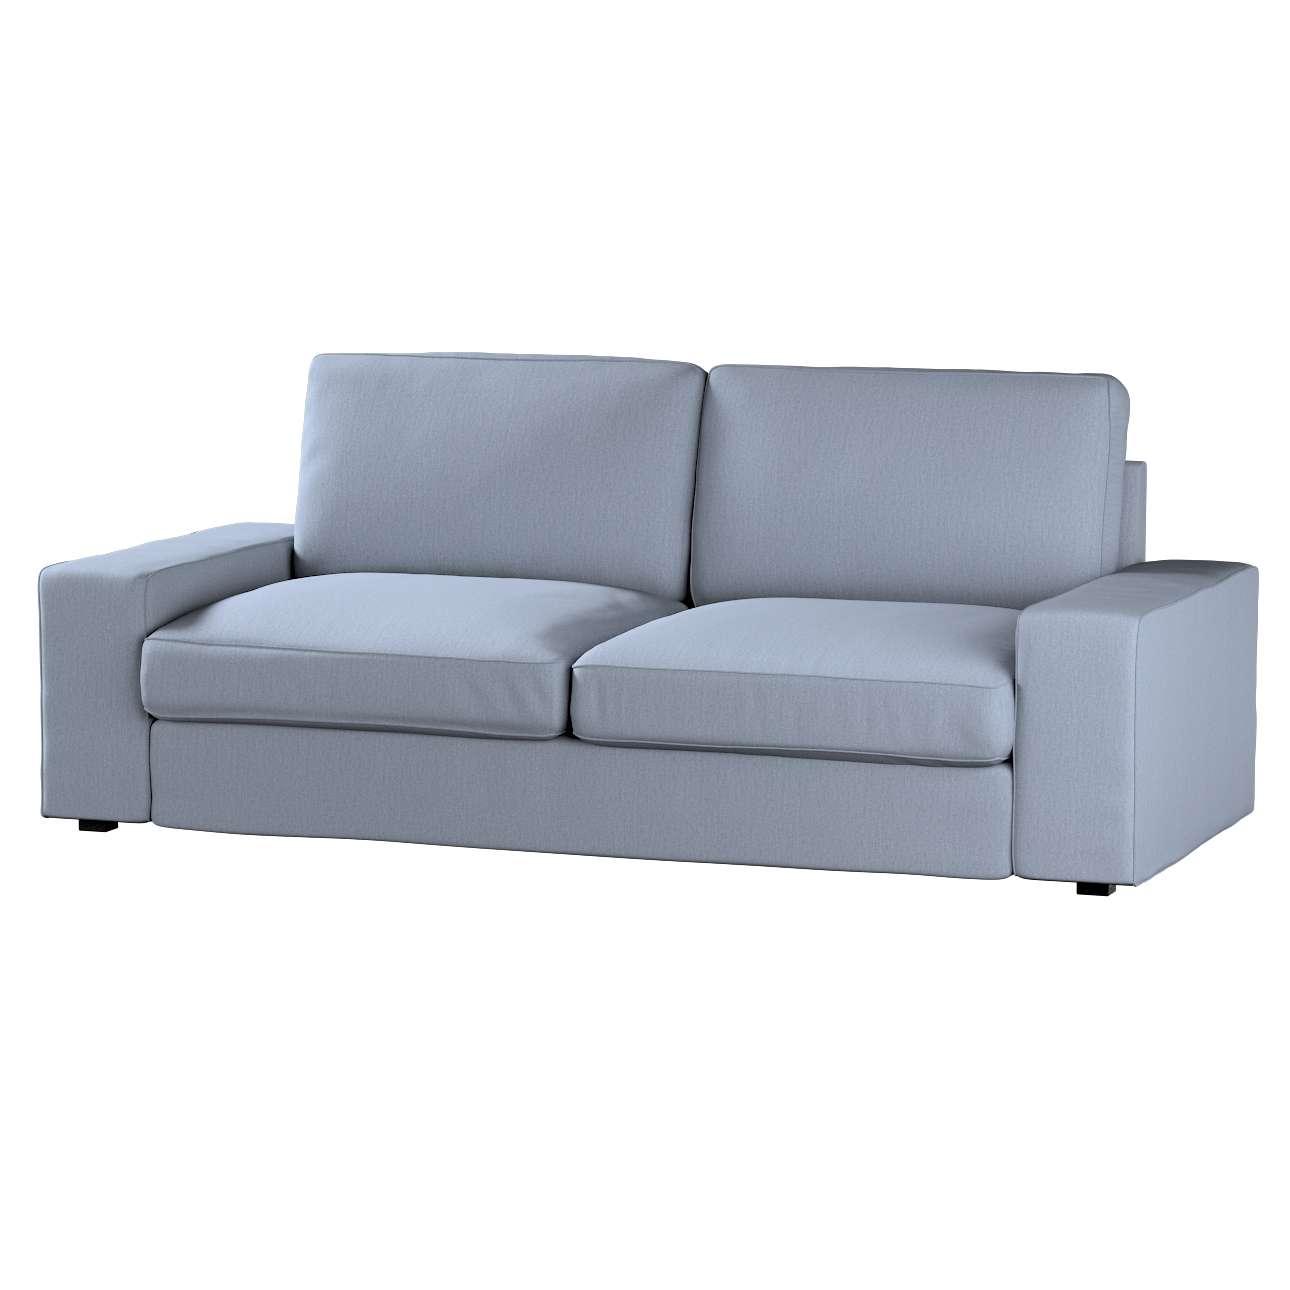 KIVIK trivietės sofos užvalkalas Kivik 3-seat sofa kolekcijoje Chenille, audinys: 702-13